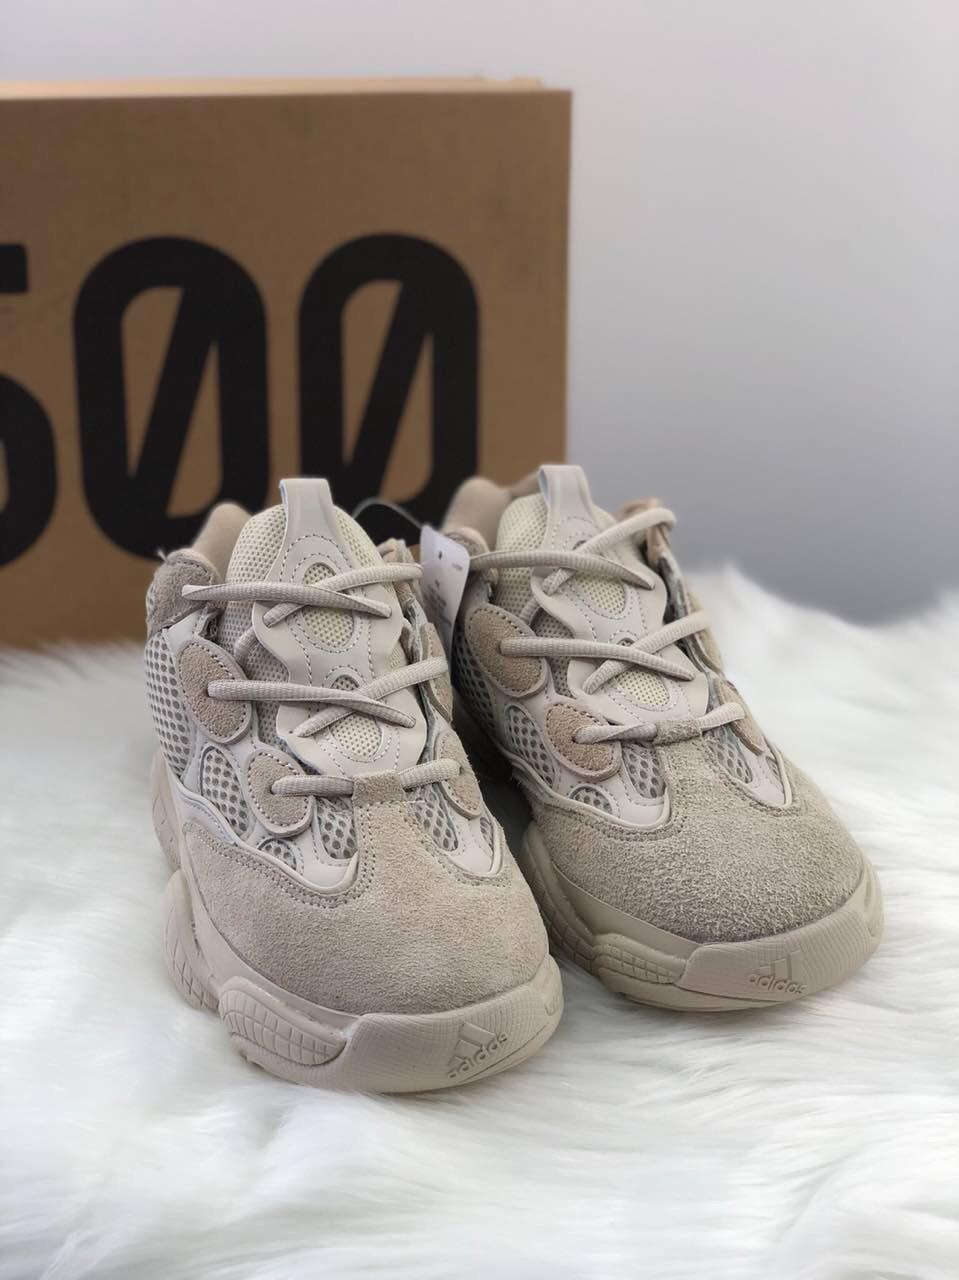 d14857ec Мужские кроссовки Adidas YEEZY 500